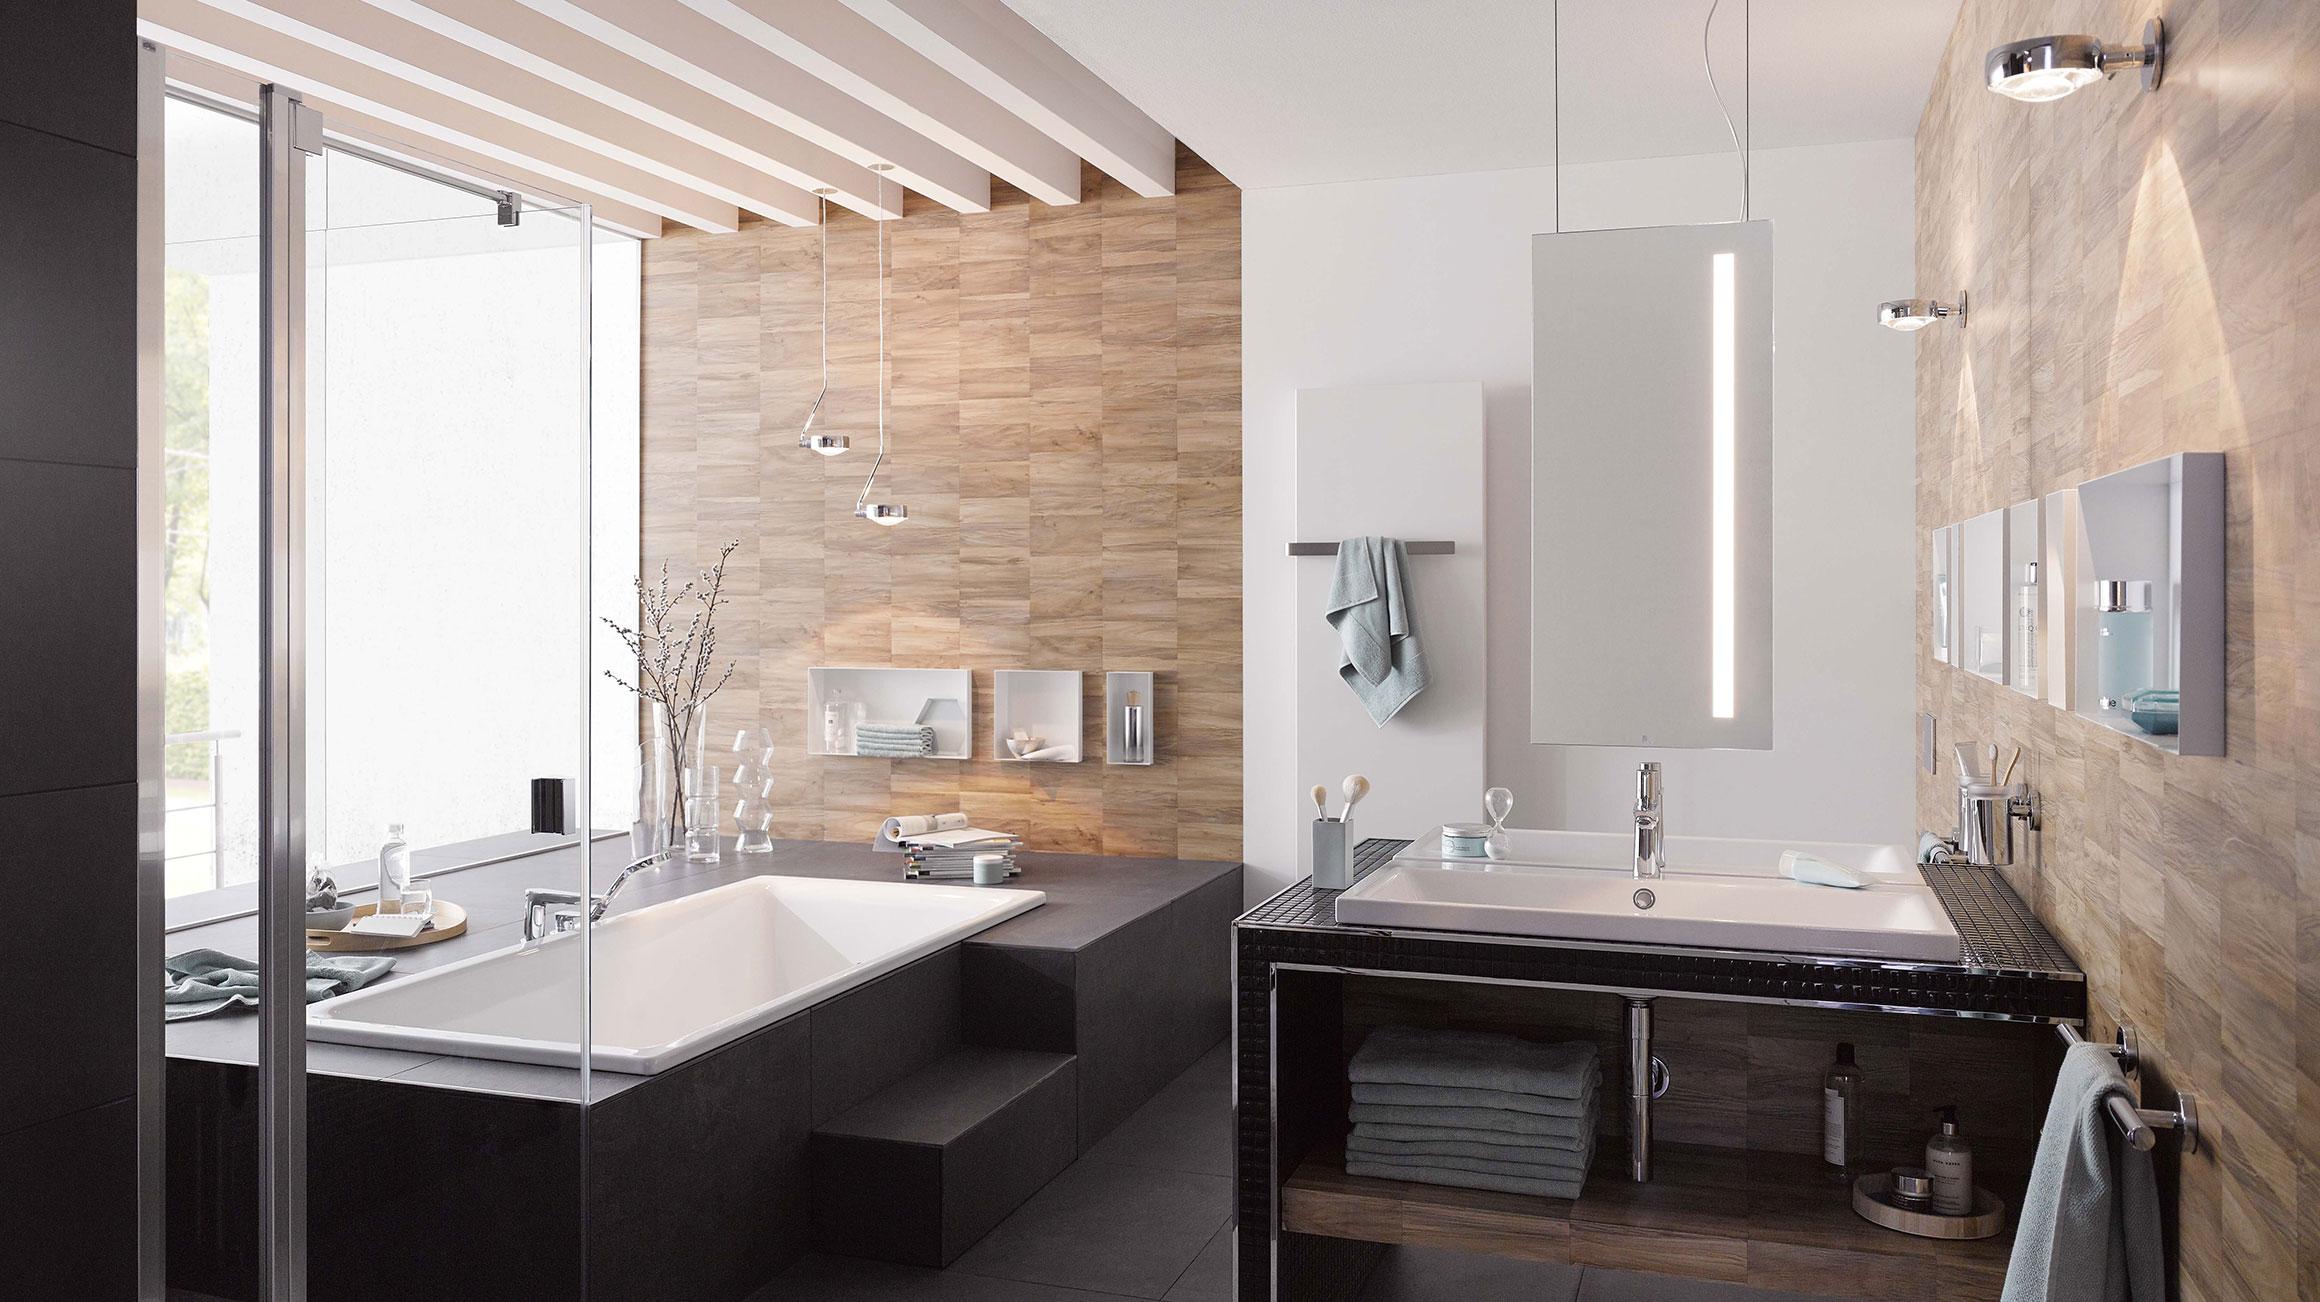 Luxe badkamer stijlvol ontwerpen droombadkamer hansgrohe nl